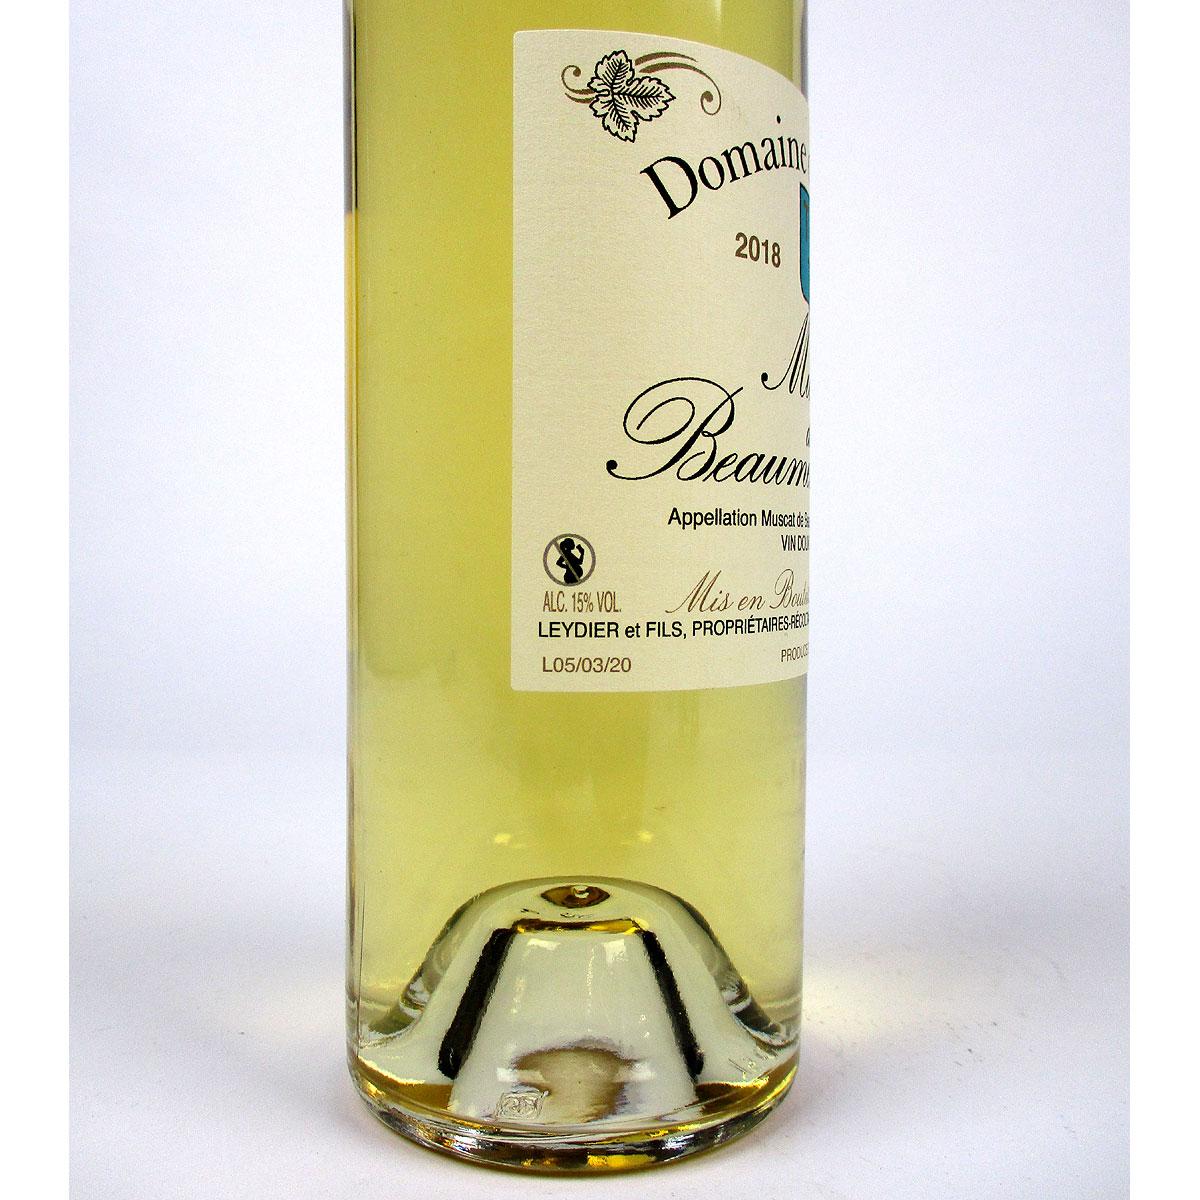 Muscat de Beaumes de Venise: Domaine de Durban 2018 - Bottle Label Side